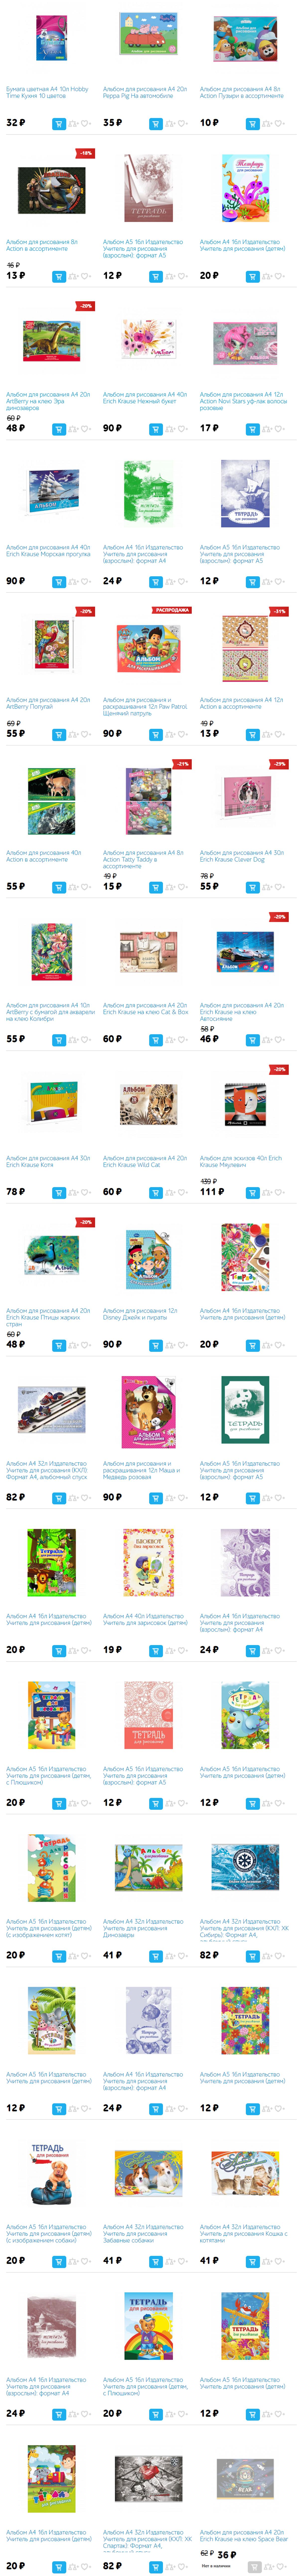 Альбомы и бумага для рисования в каталоге Дочки-Сыночки Бирск